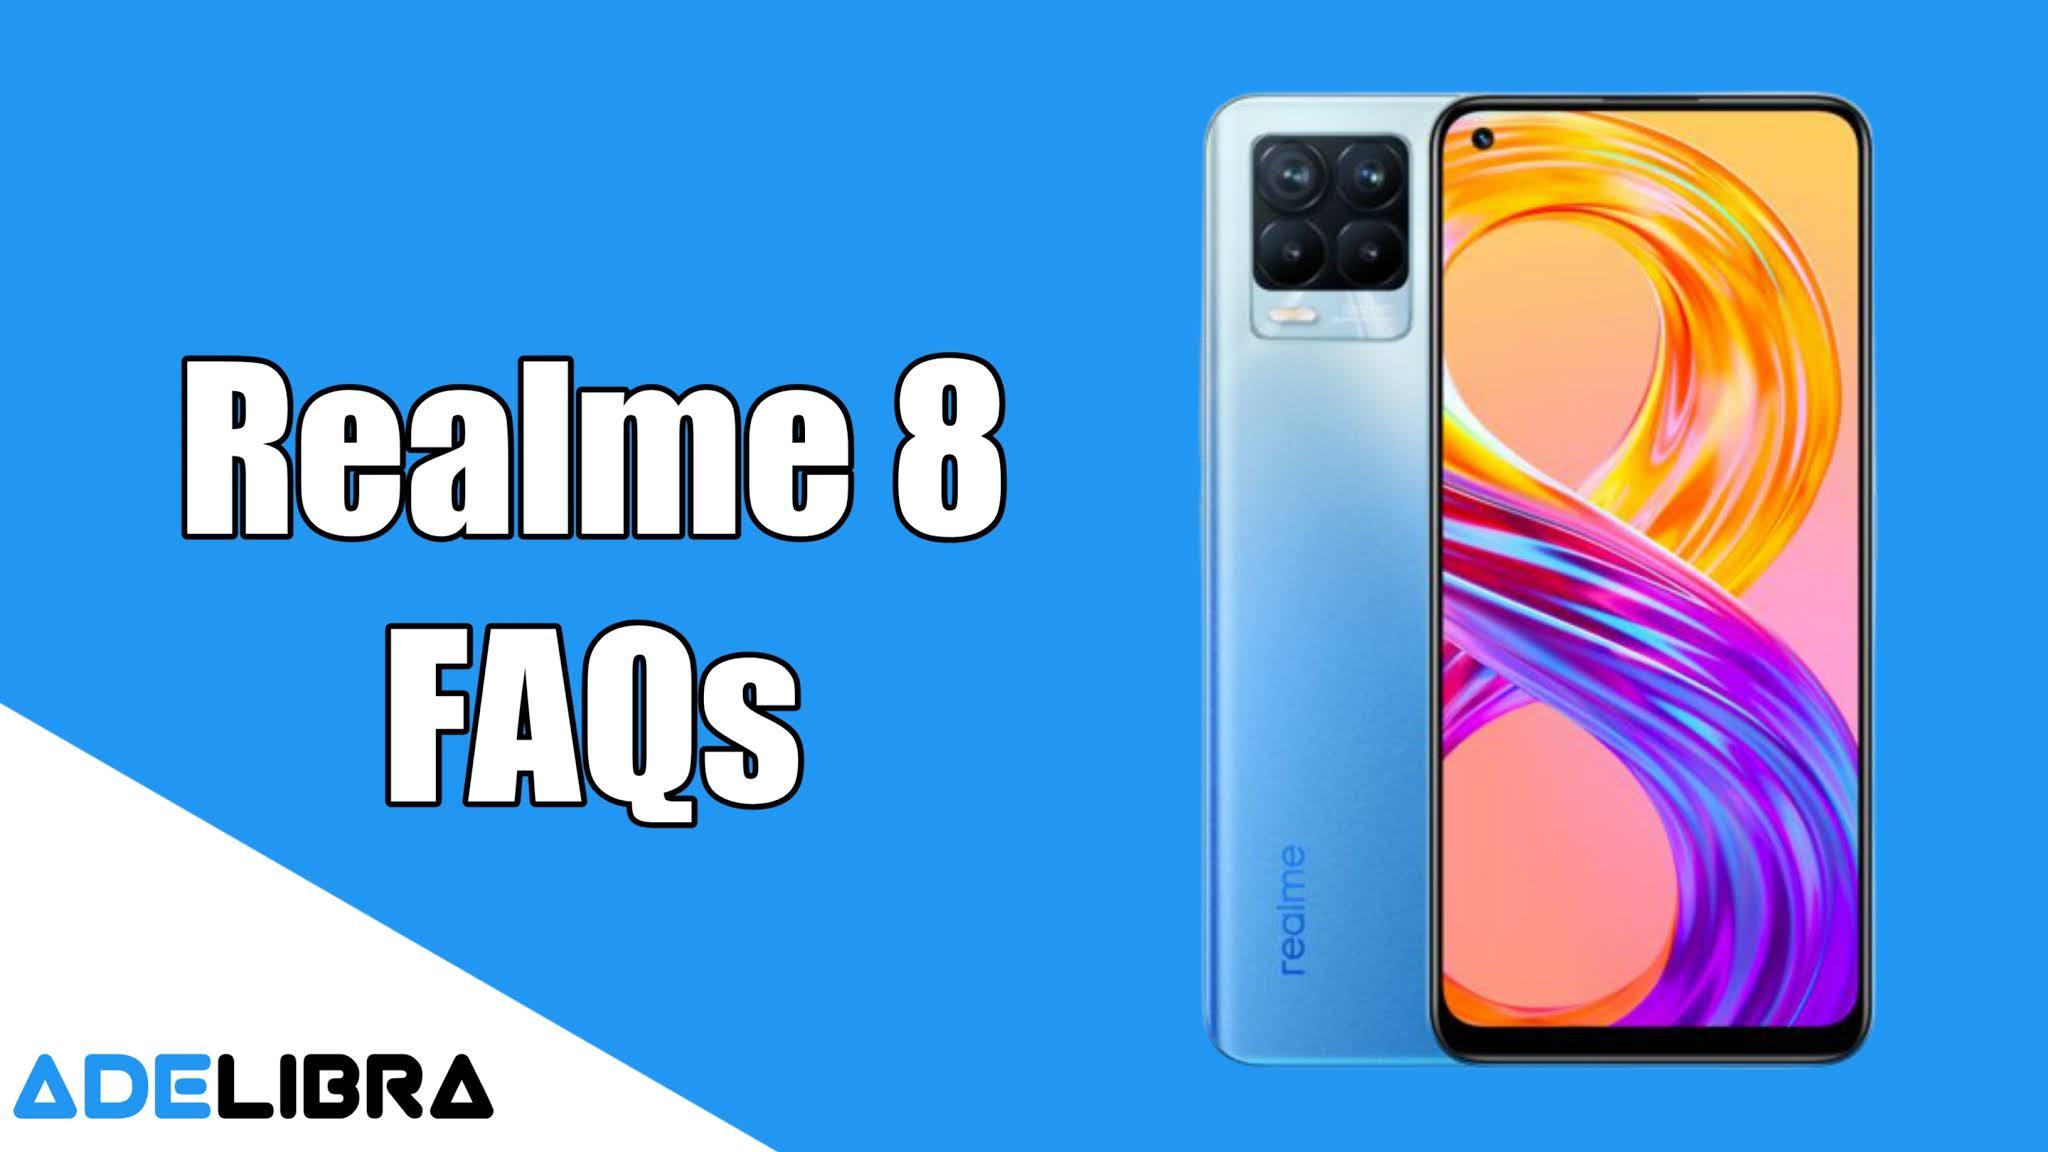 Realme FAQs